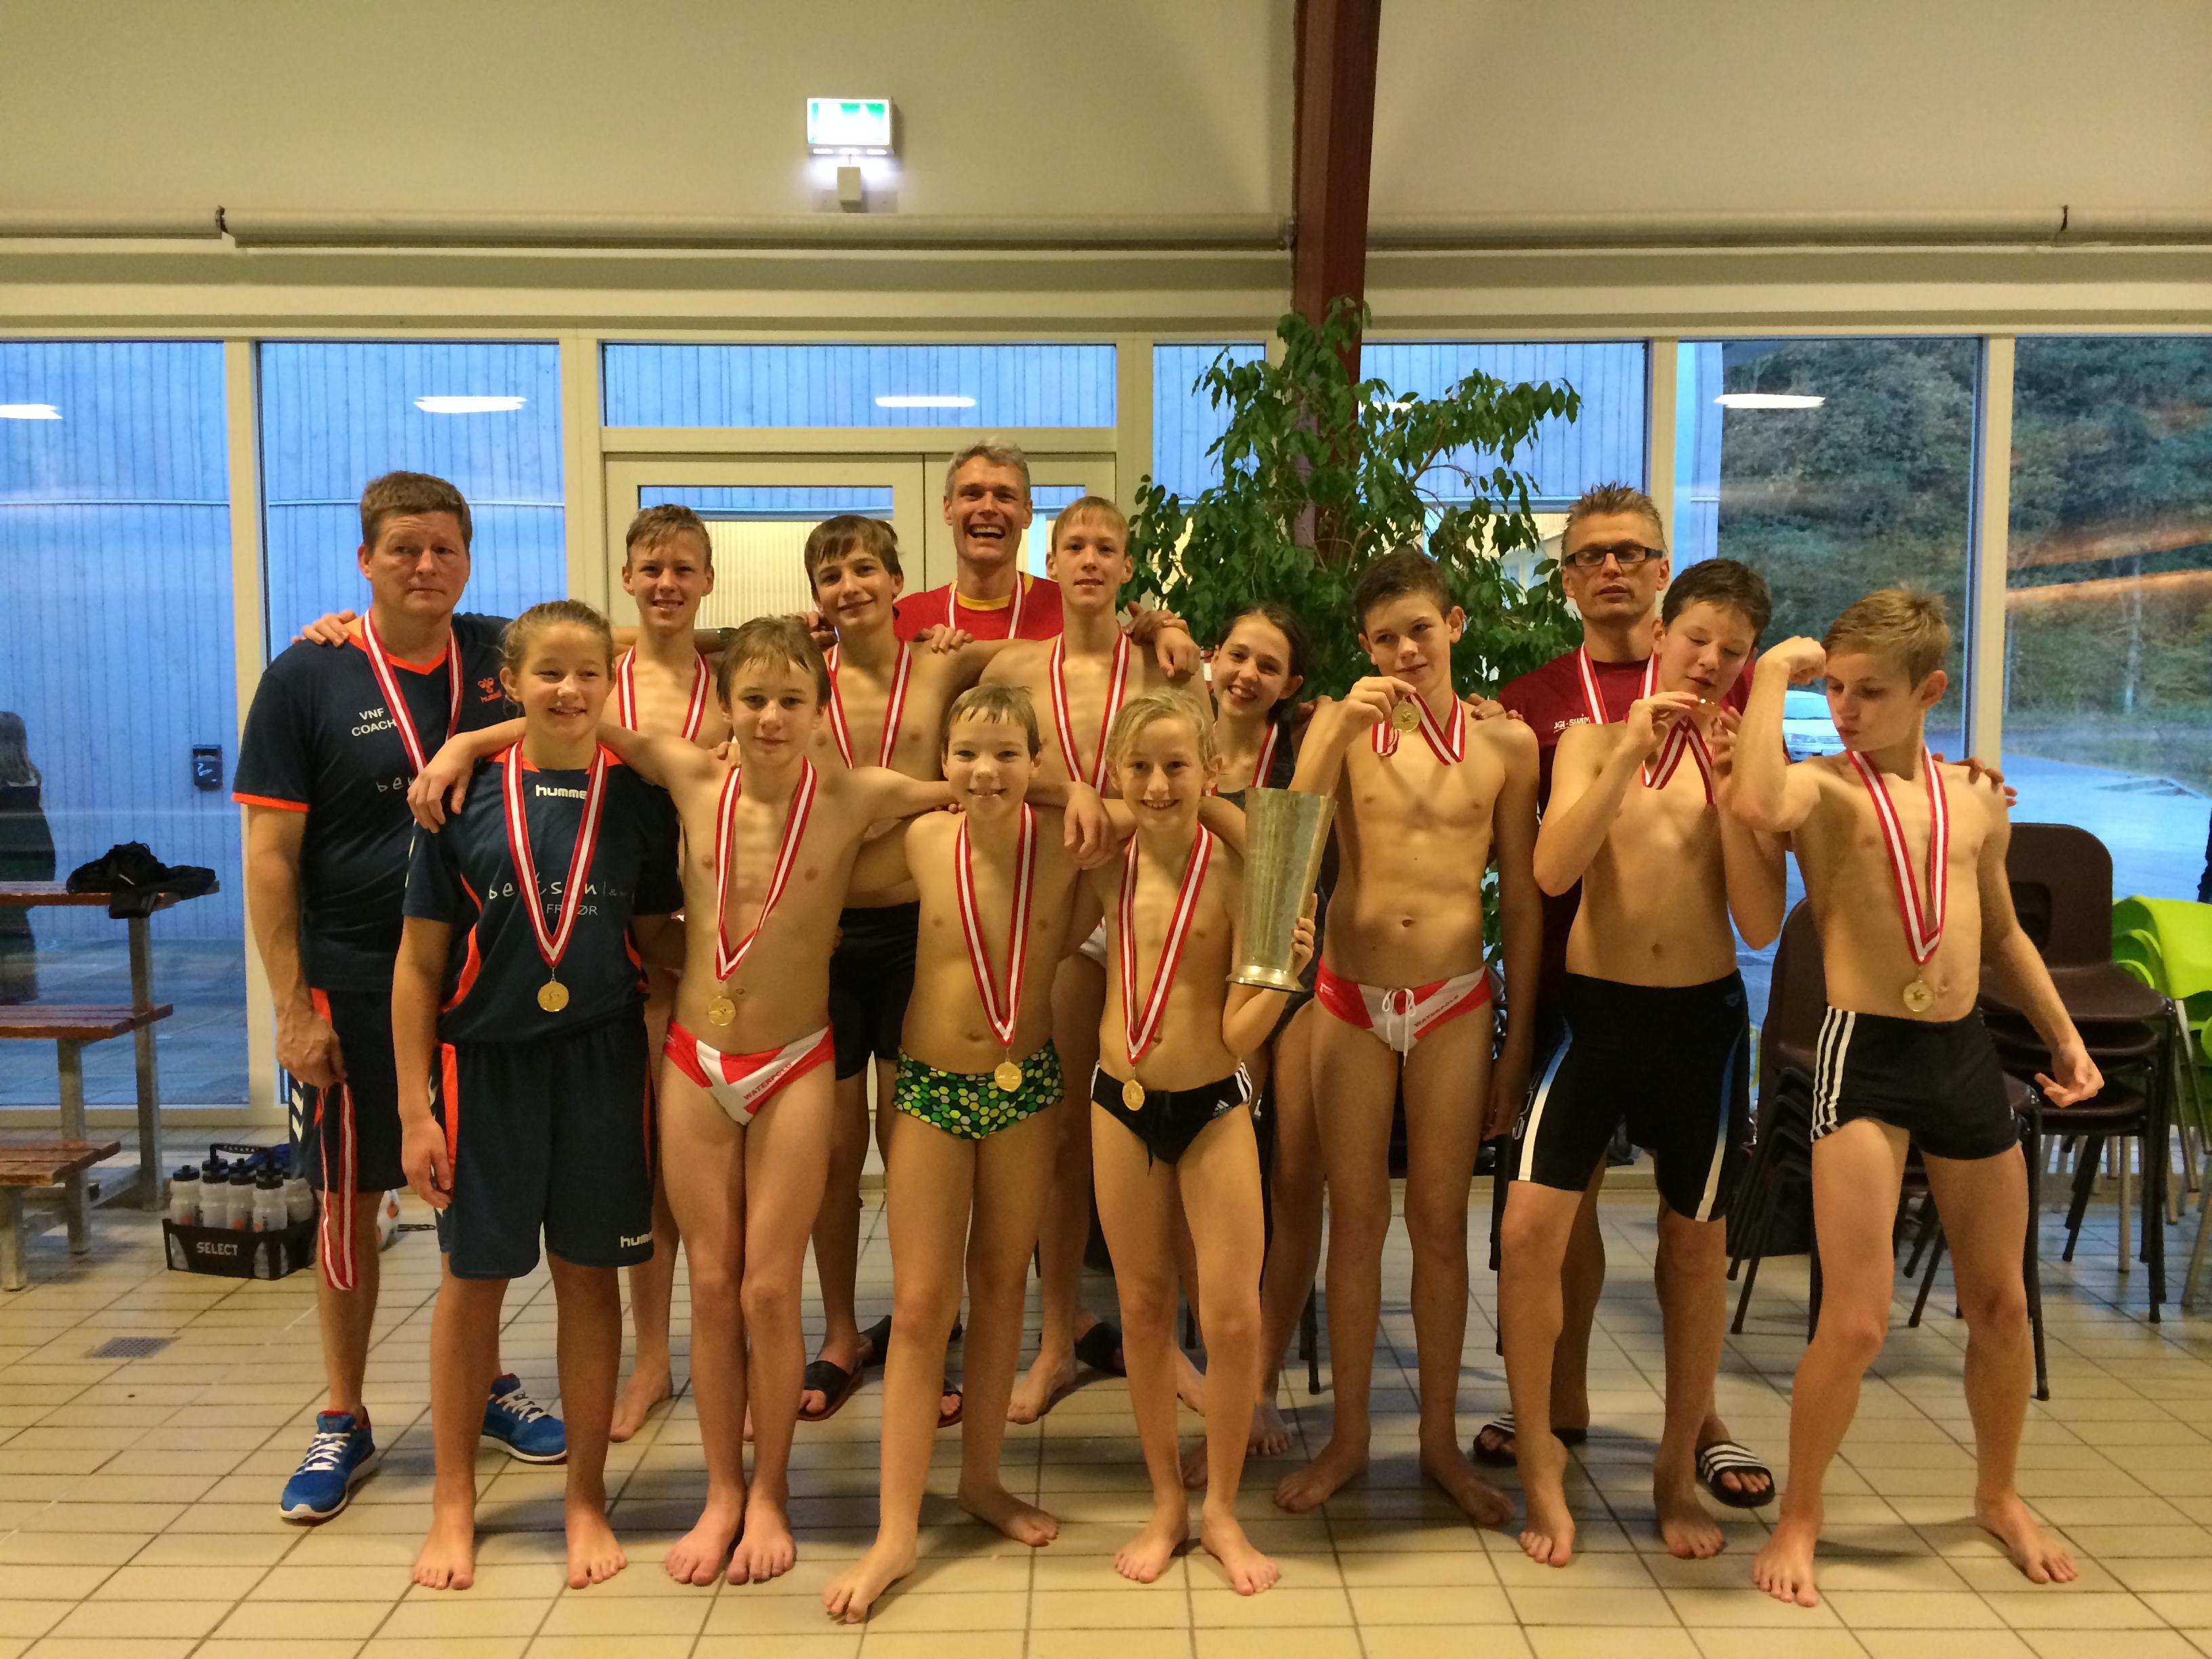 U13 vandt Guld ved DM 2014